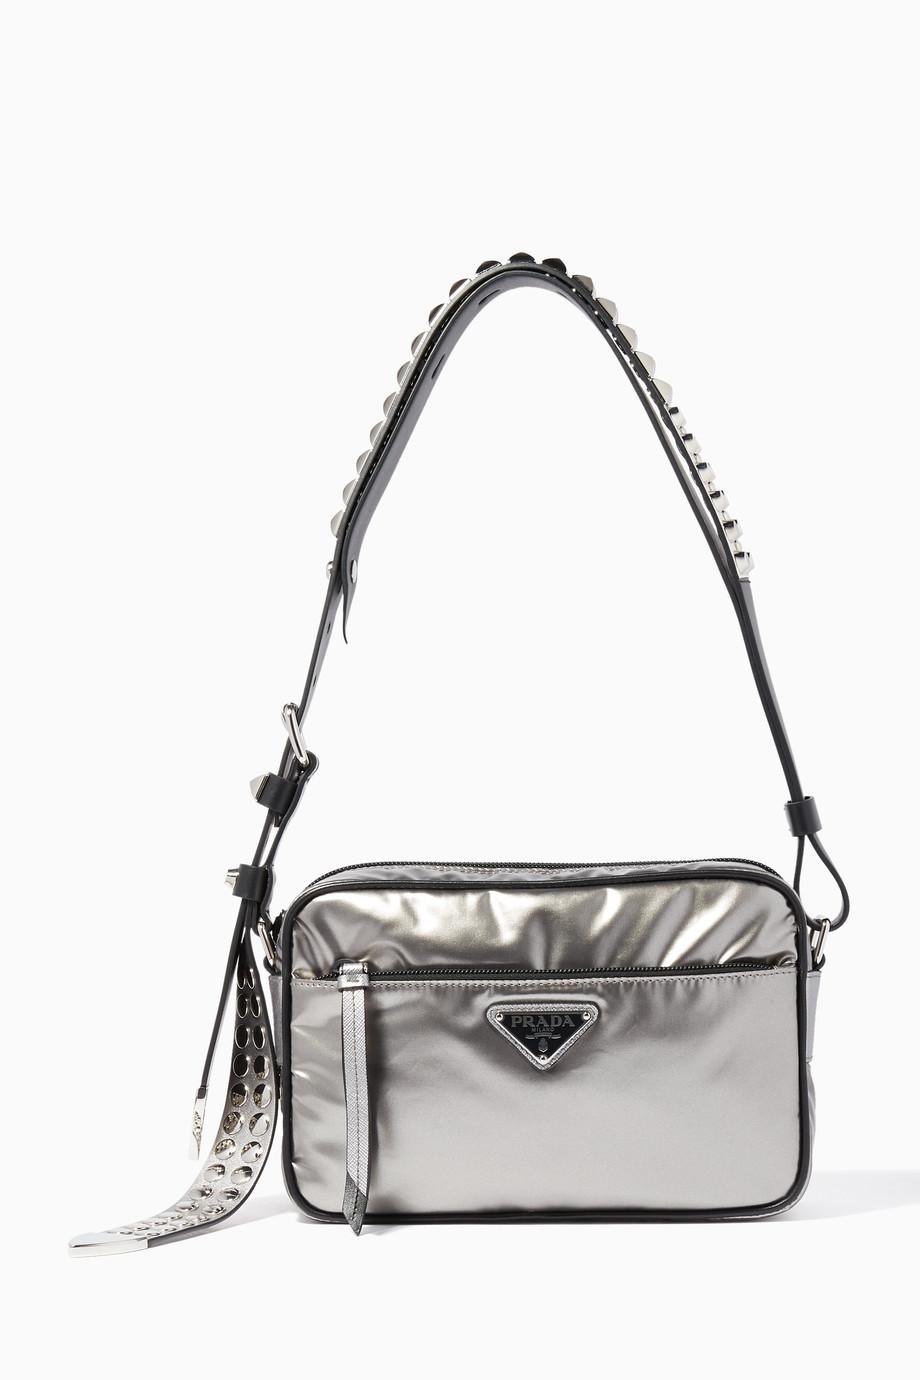 e4fcb0b722d3e5 Shop Prada Silver Metallic-Silver Nylon Camera Bag for Women ...